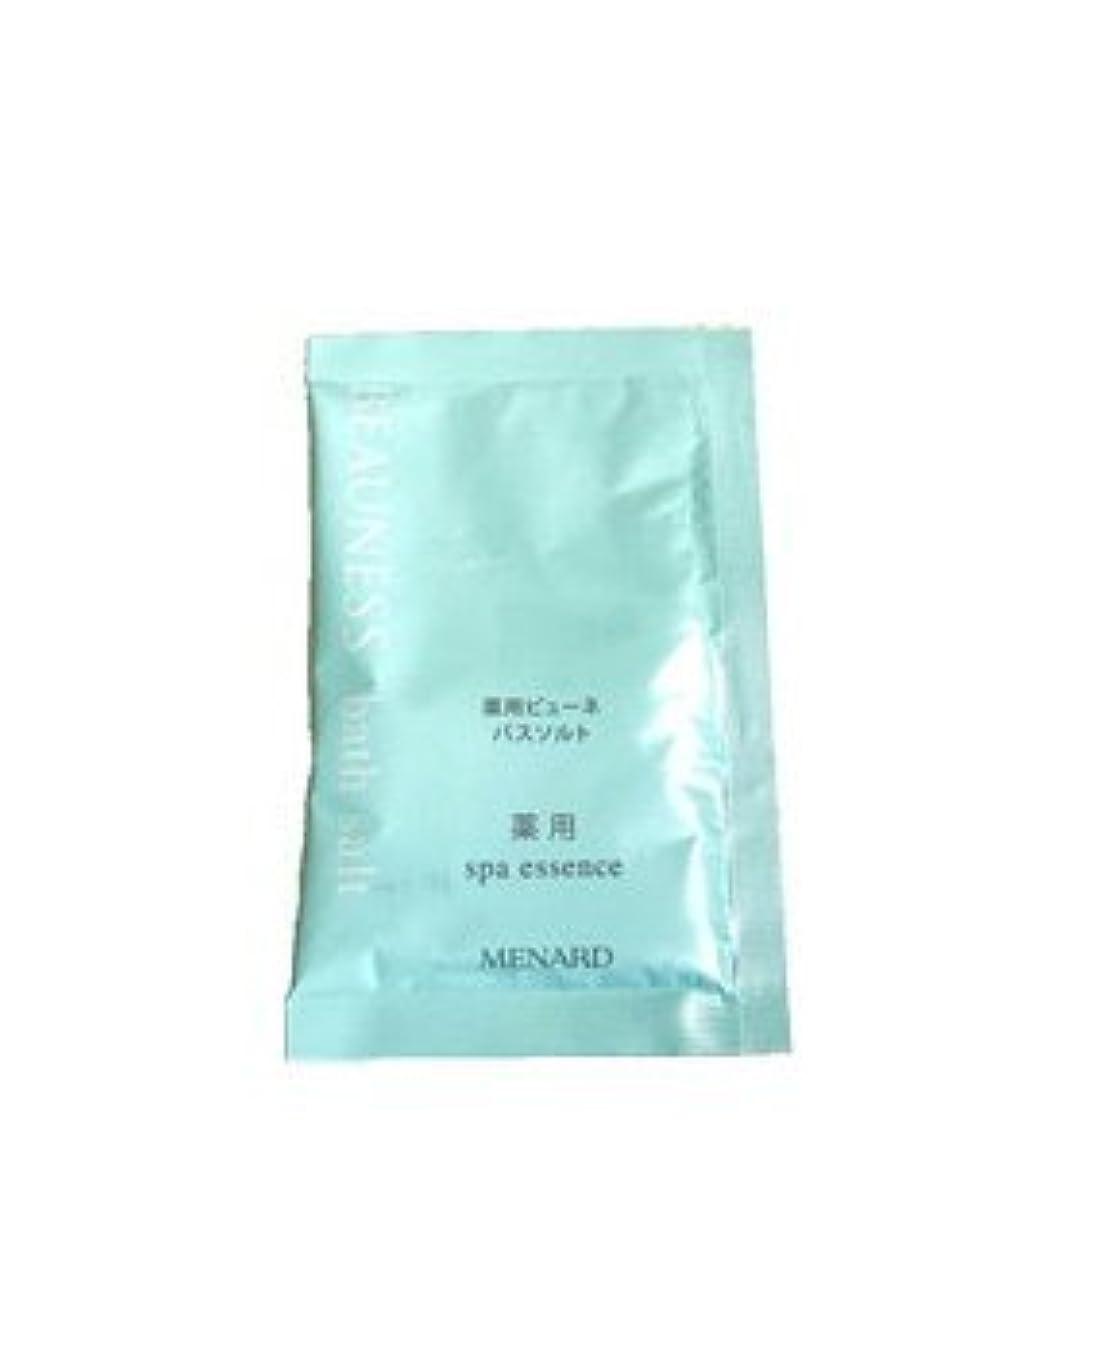 迷惑アーサーコナンドイル傀儡メナード 薬用ビューネ バスソルト 20g×1包入 (並行輸入品)